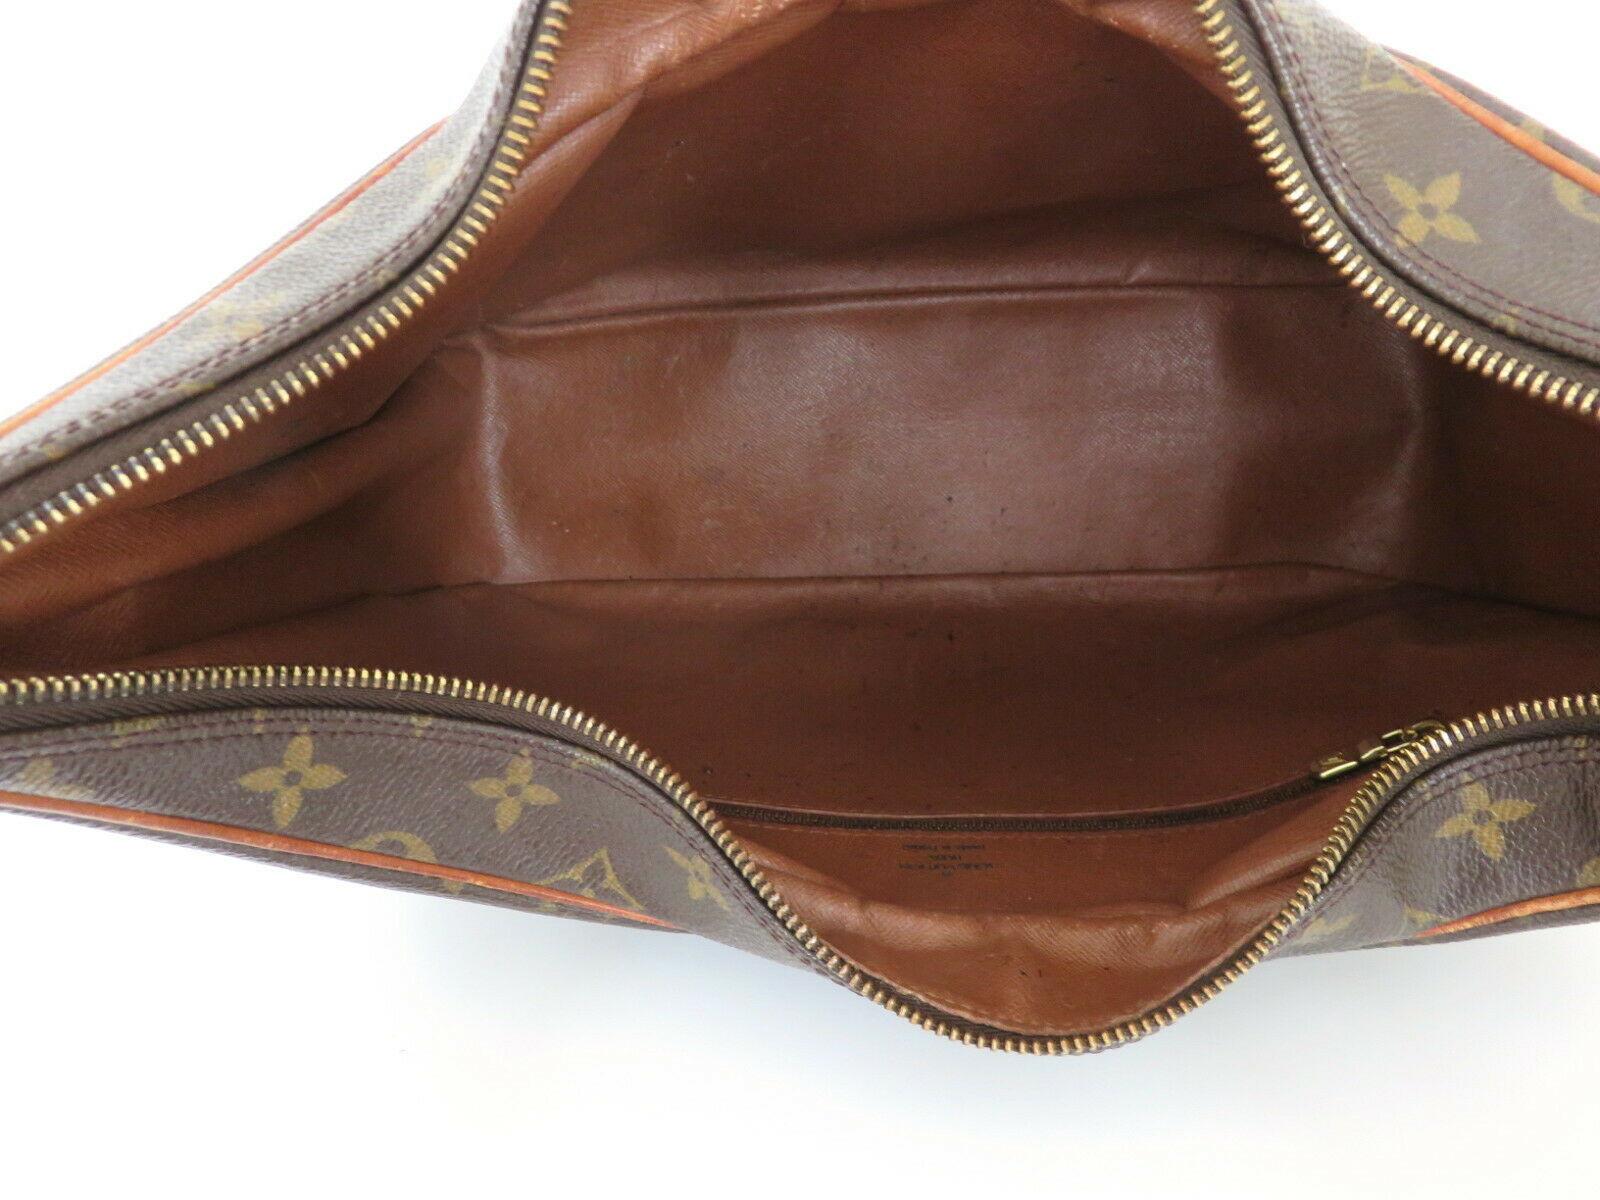 Authentic LOUIS VUITTON Monogram Canvas Leather Boulogne 35 Shoulder Bag image 8